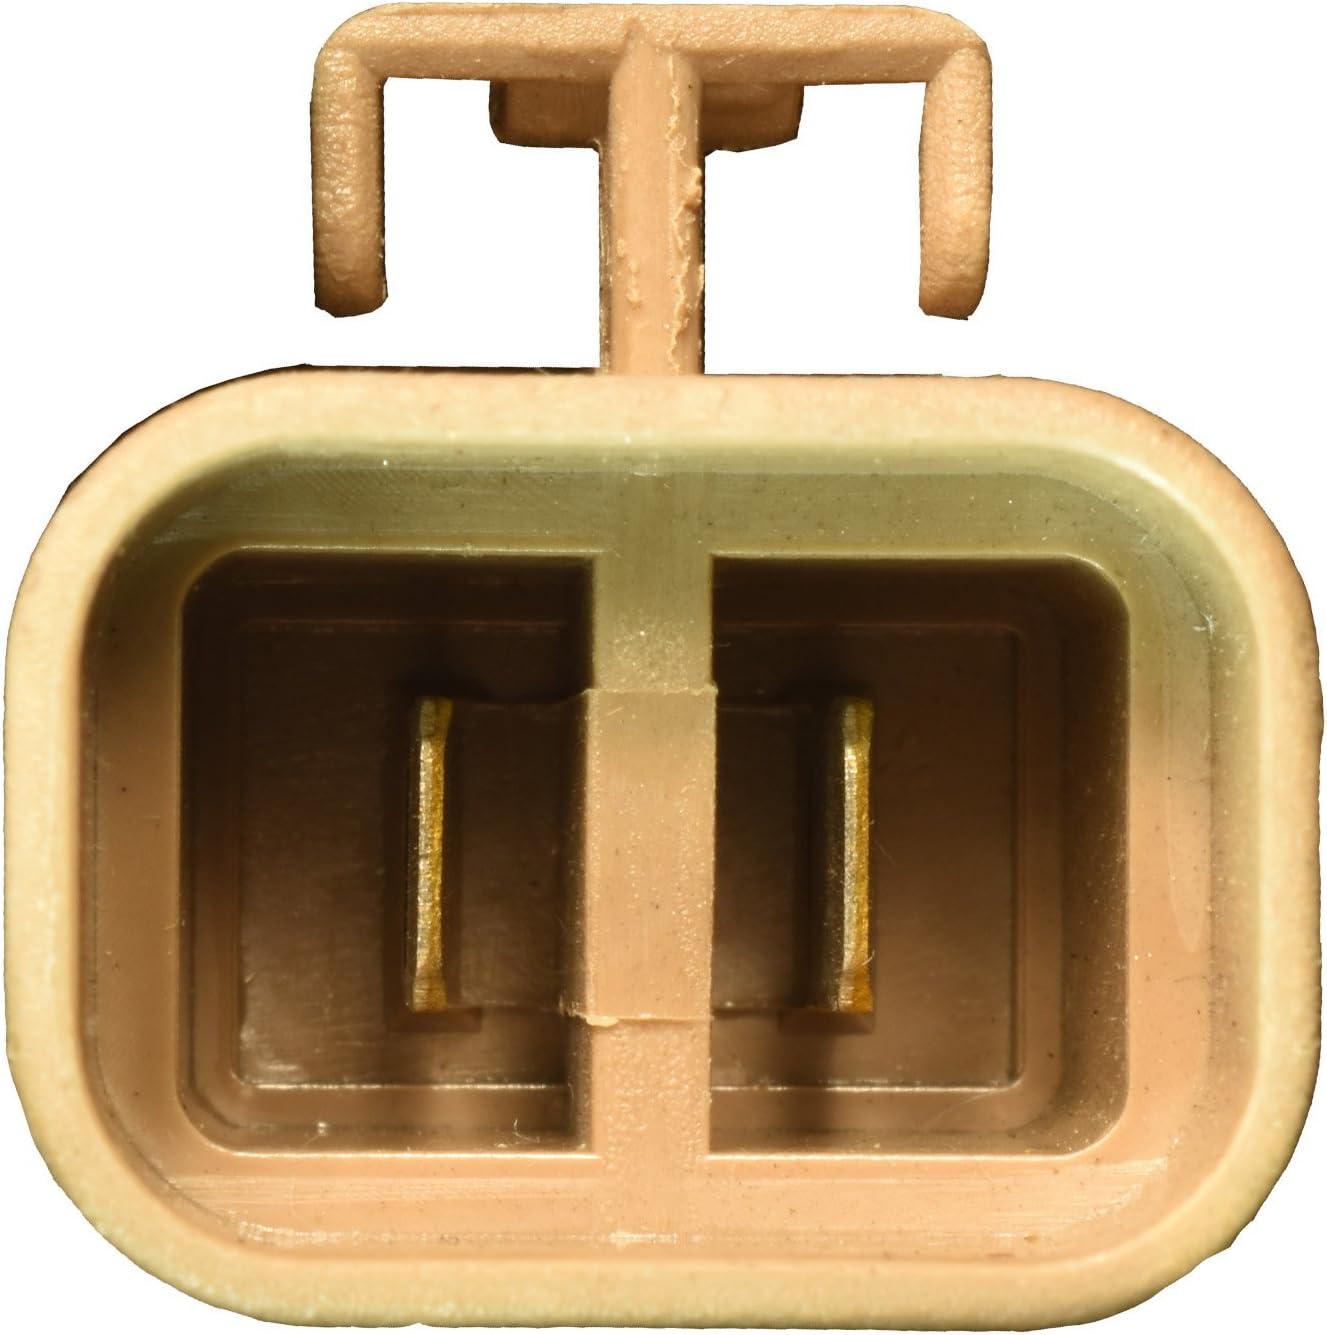 New Mando 11A1064 Alternator Original Equipment